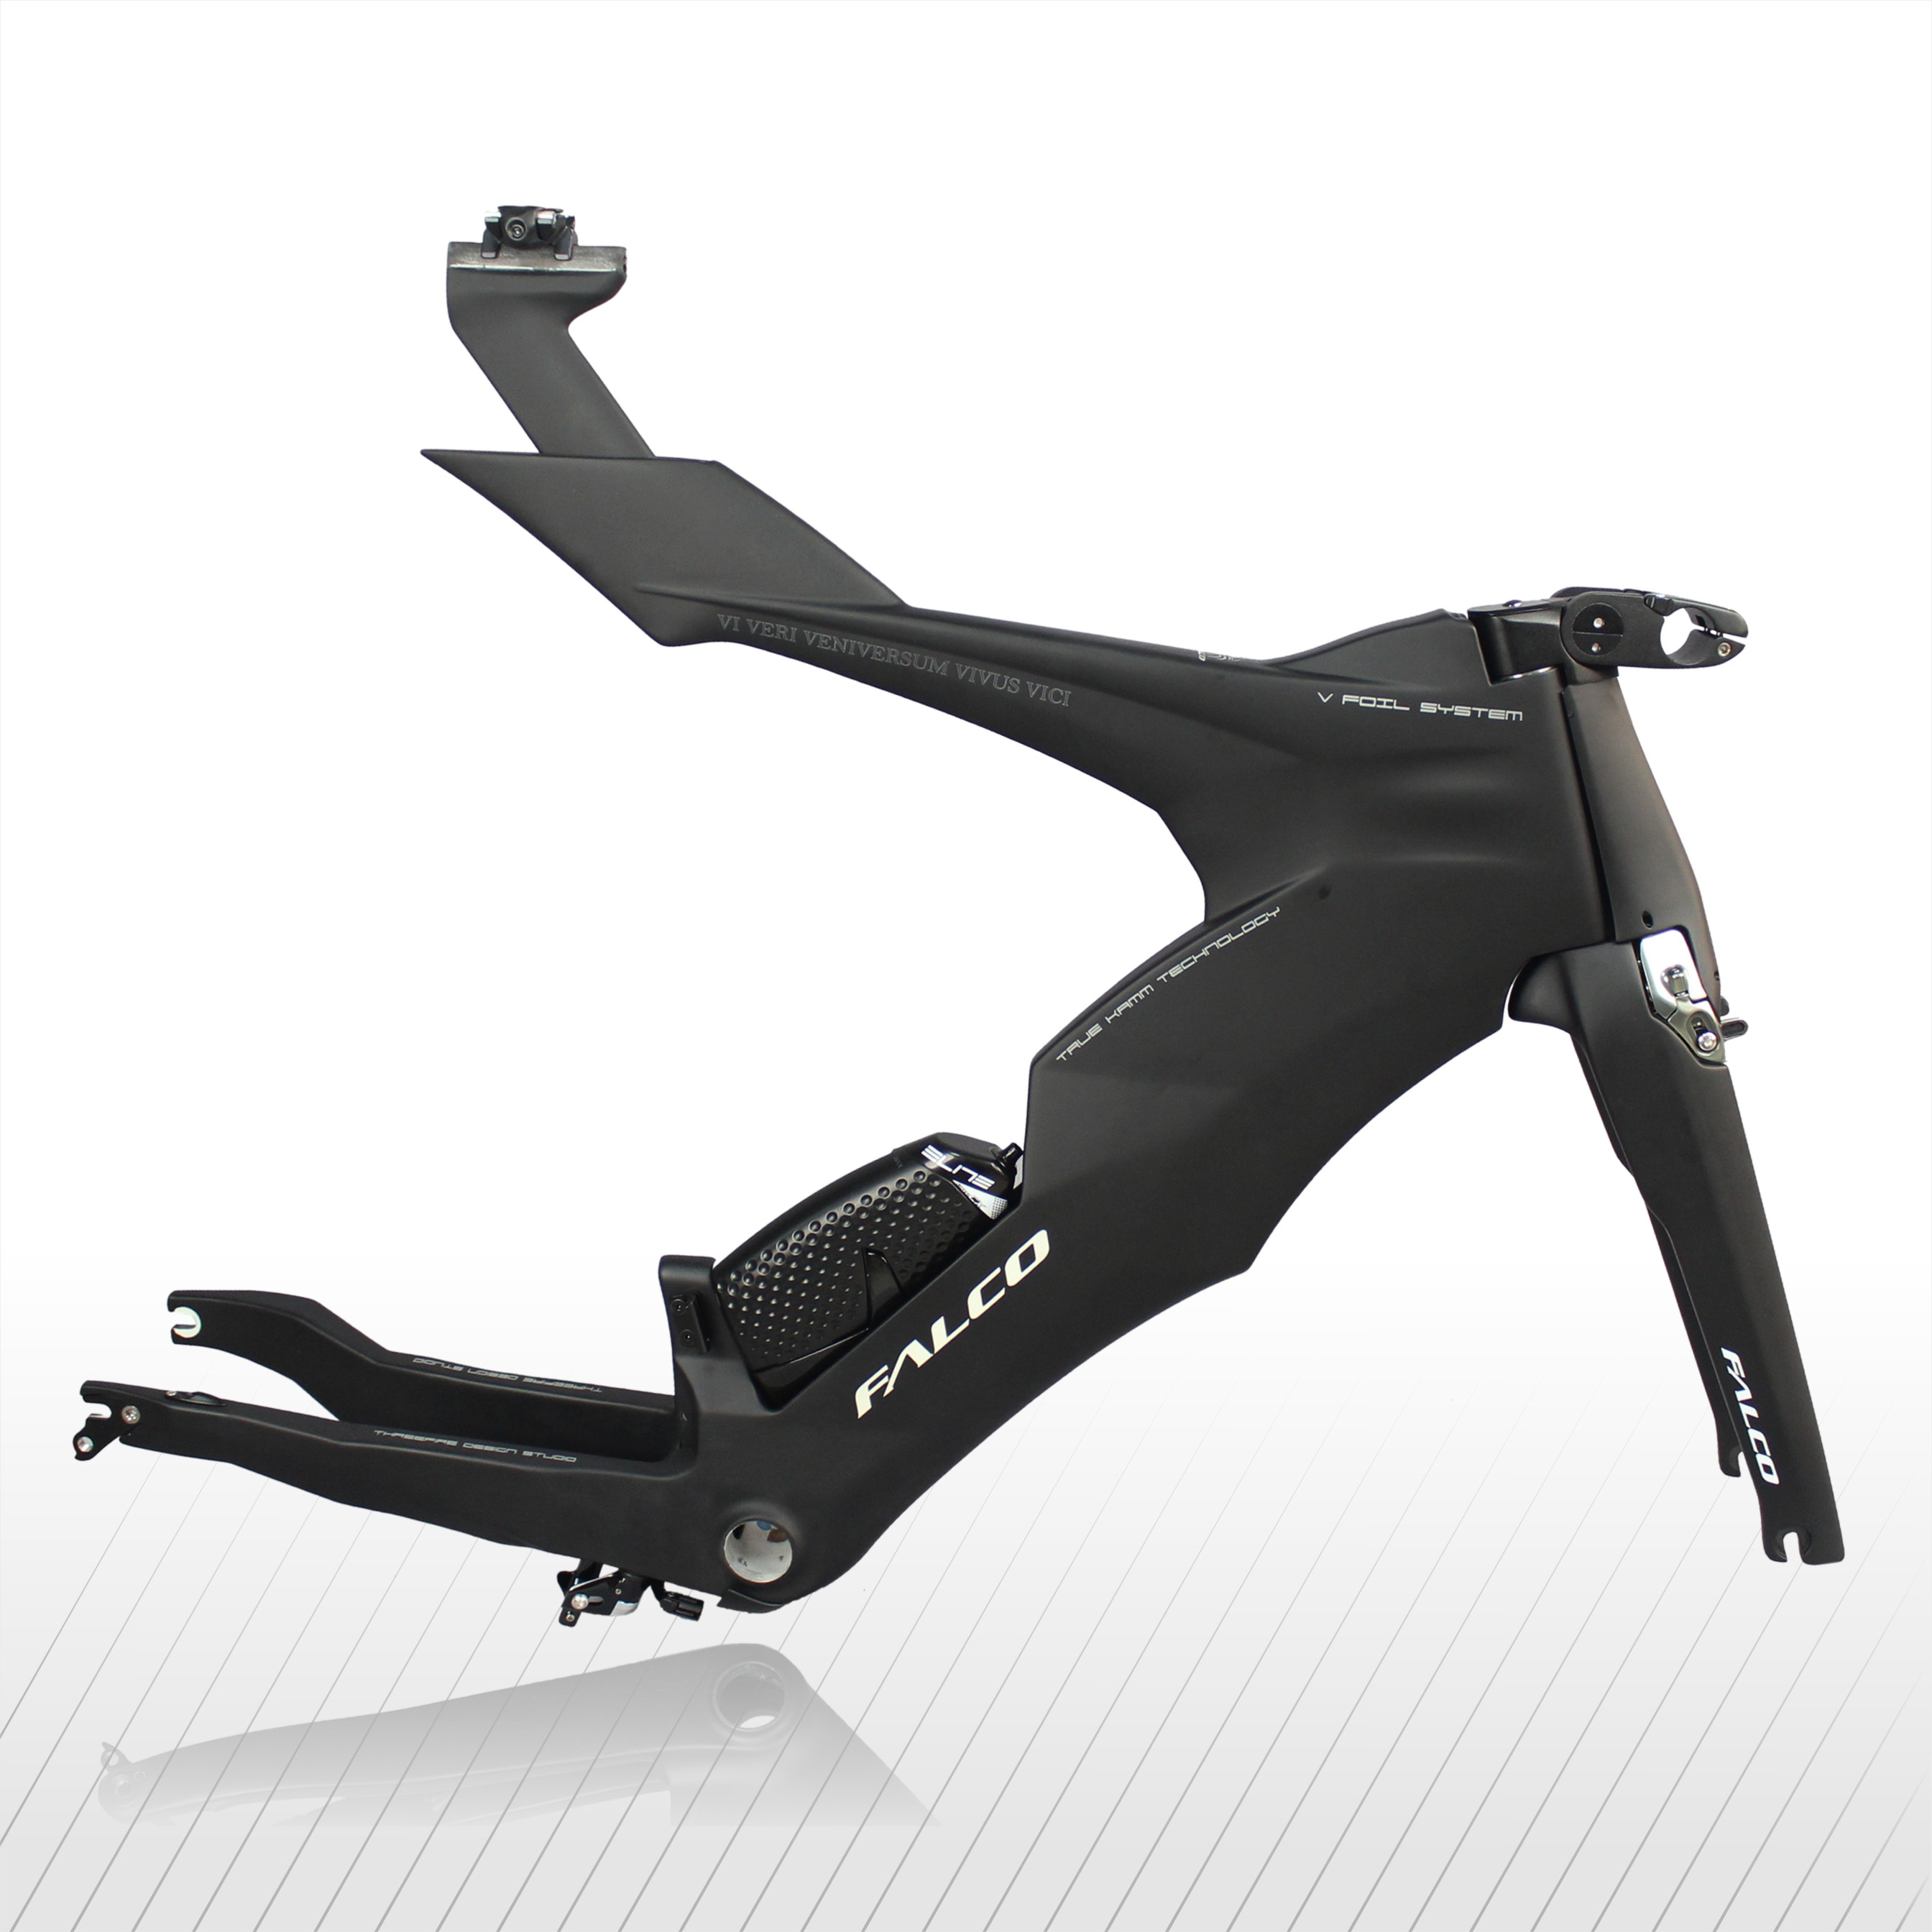 Cuadro De Carbono completo Falco v-bike de 57cm, marco de bicicleta de prueba de tiempo de fibra de carbono T700 de alta calidad, Cuadro De Carbono completa 57cm F450 450 Quadcopter de MultiCopter kit de marco de APM 2,8 w/amortiguador 7M ALIMENTACIÓN DE GPS módulo 2212 Motor 30A ala fija CES